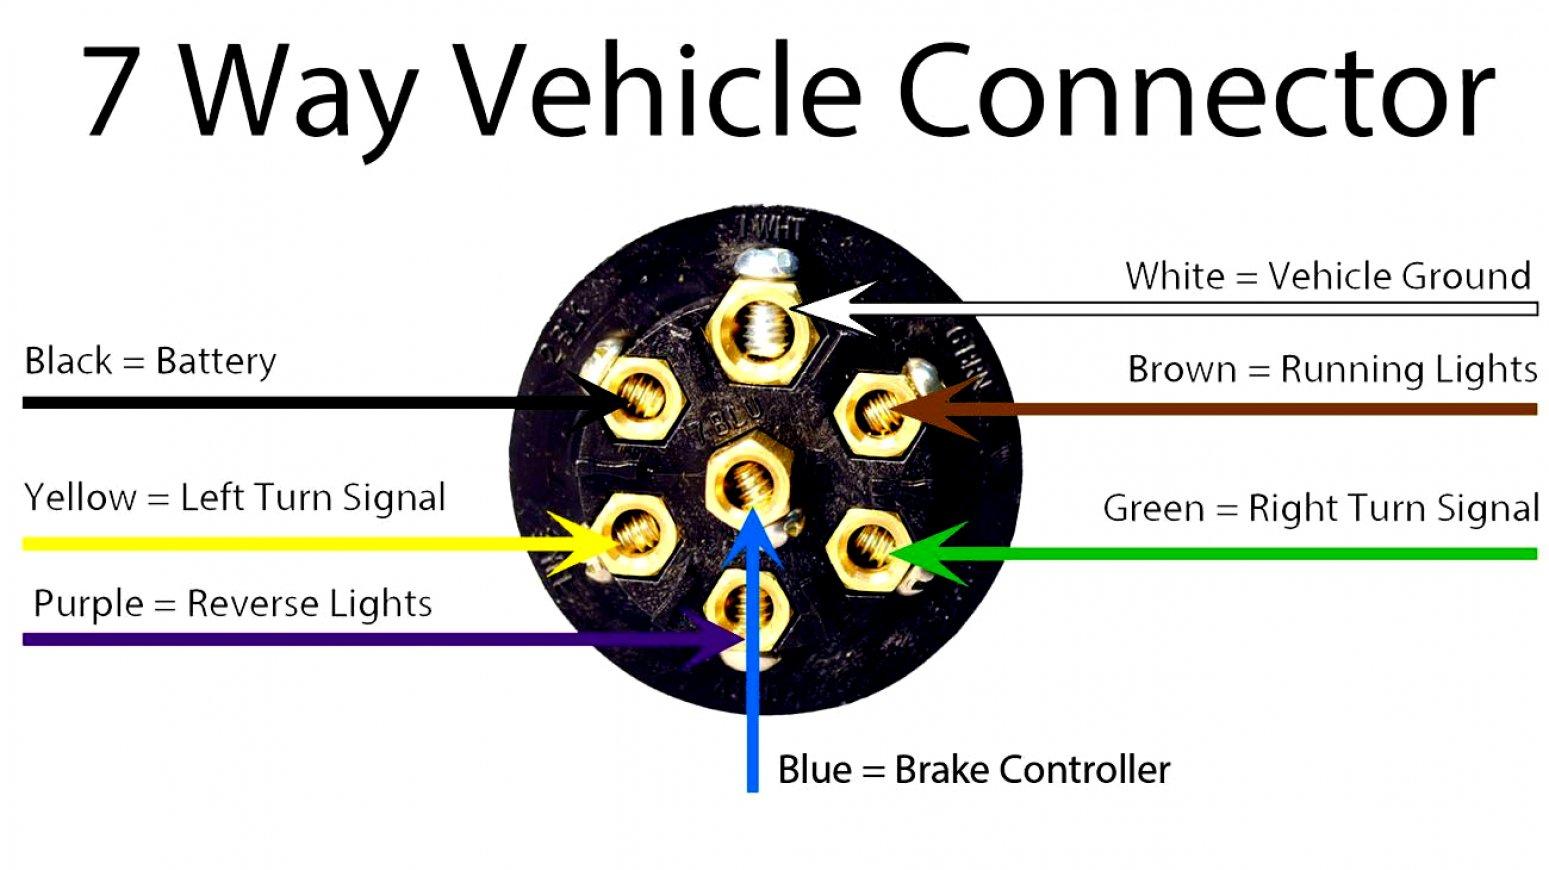 Rv Trailer Plug Wiring - Wiring Diagrams Hubs - Trailer Wiring Diagram 4 Pin